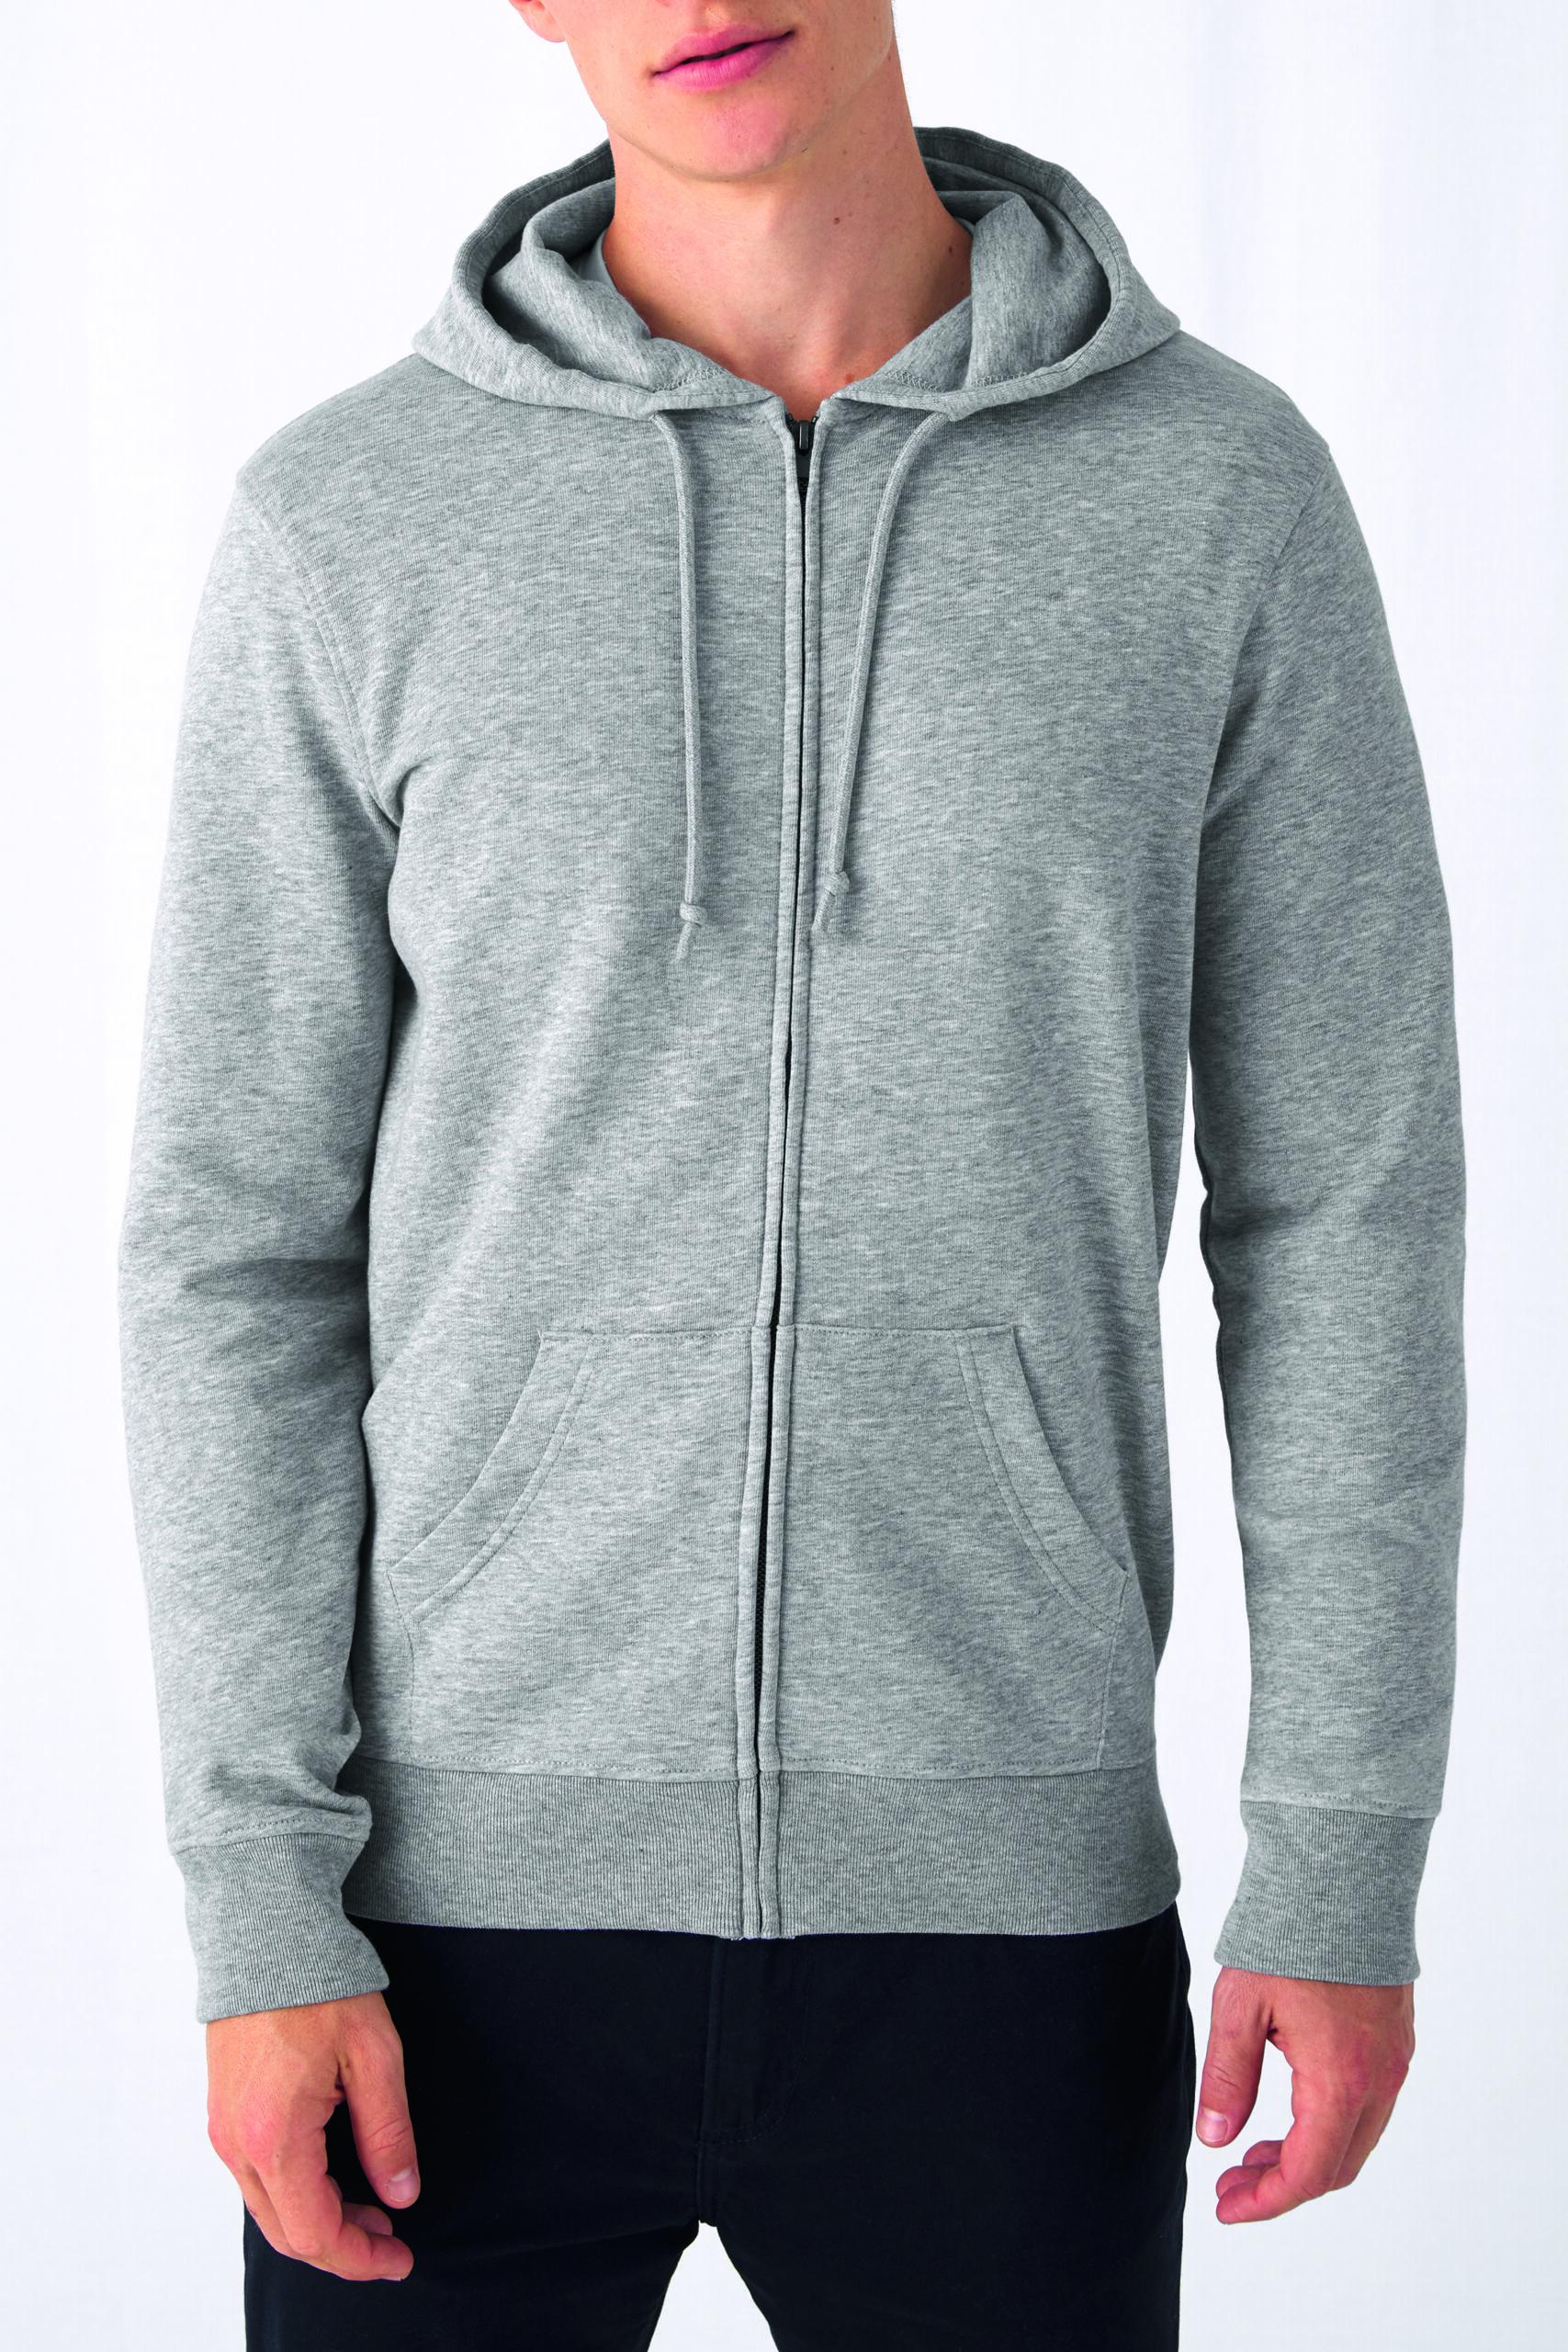 Økologisk Herre Hoodie Sweatshirt I En 280g/m2 Kvalitet [ BCWU35B]